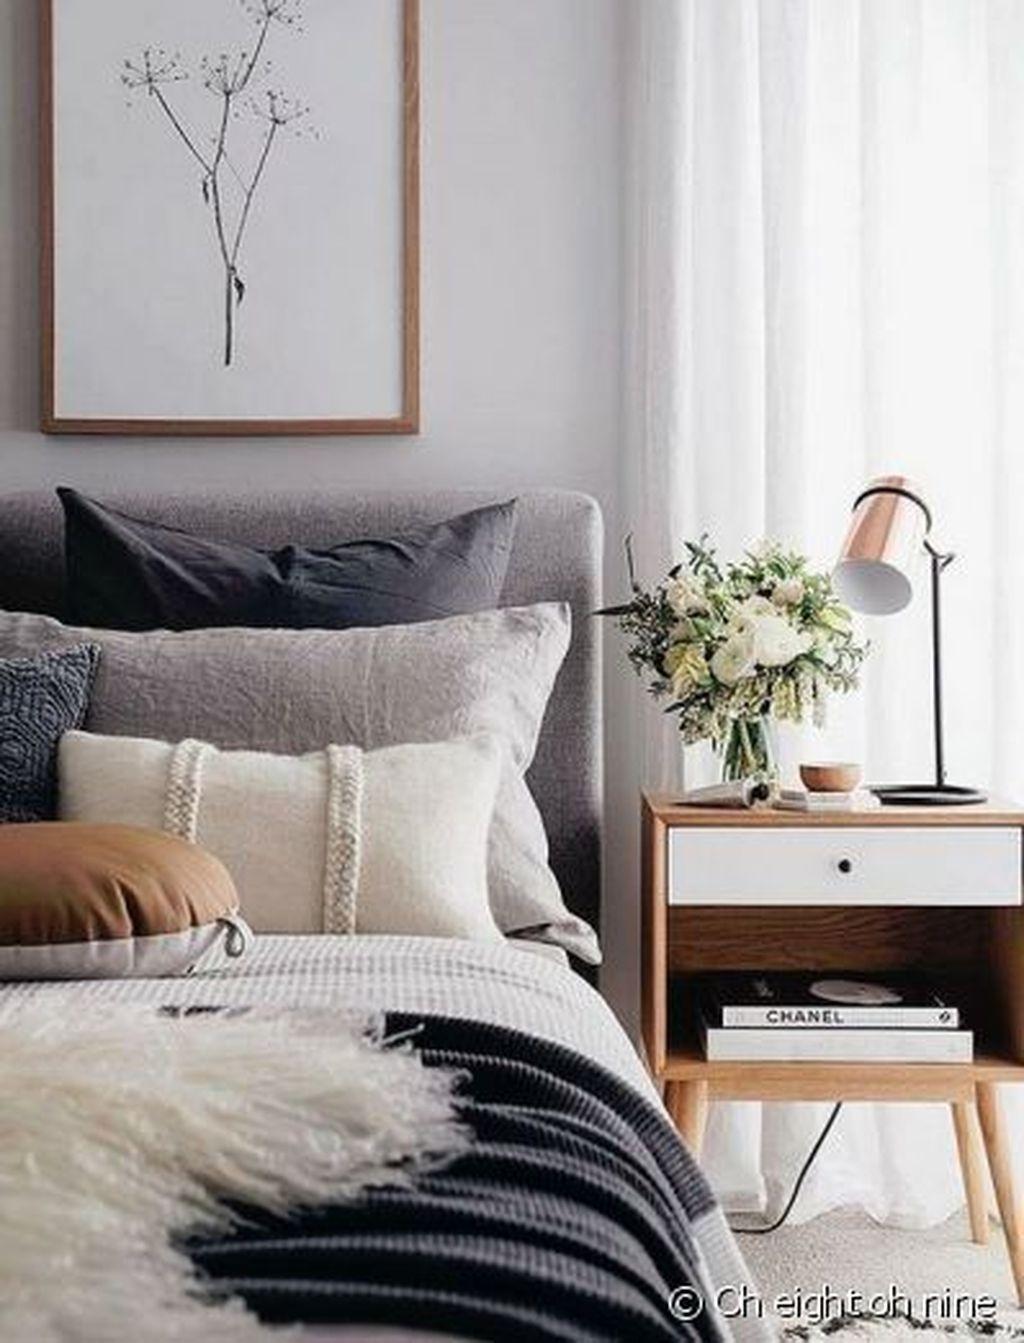 The Best Scandinavian Bedroom Interior Design Ideas 42